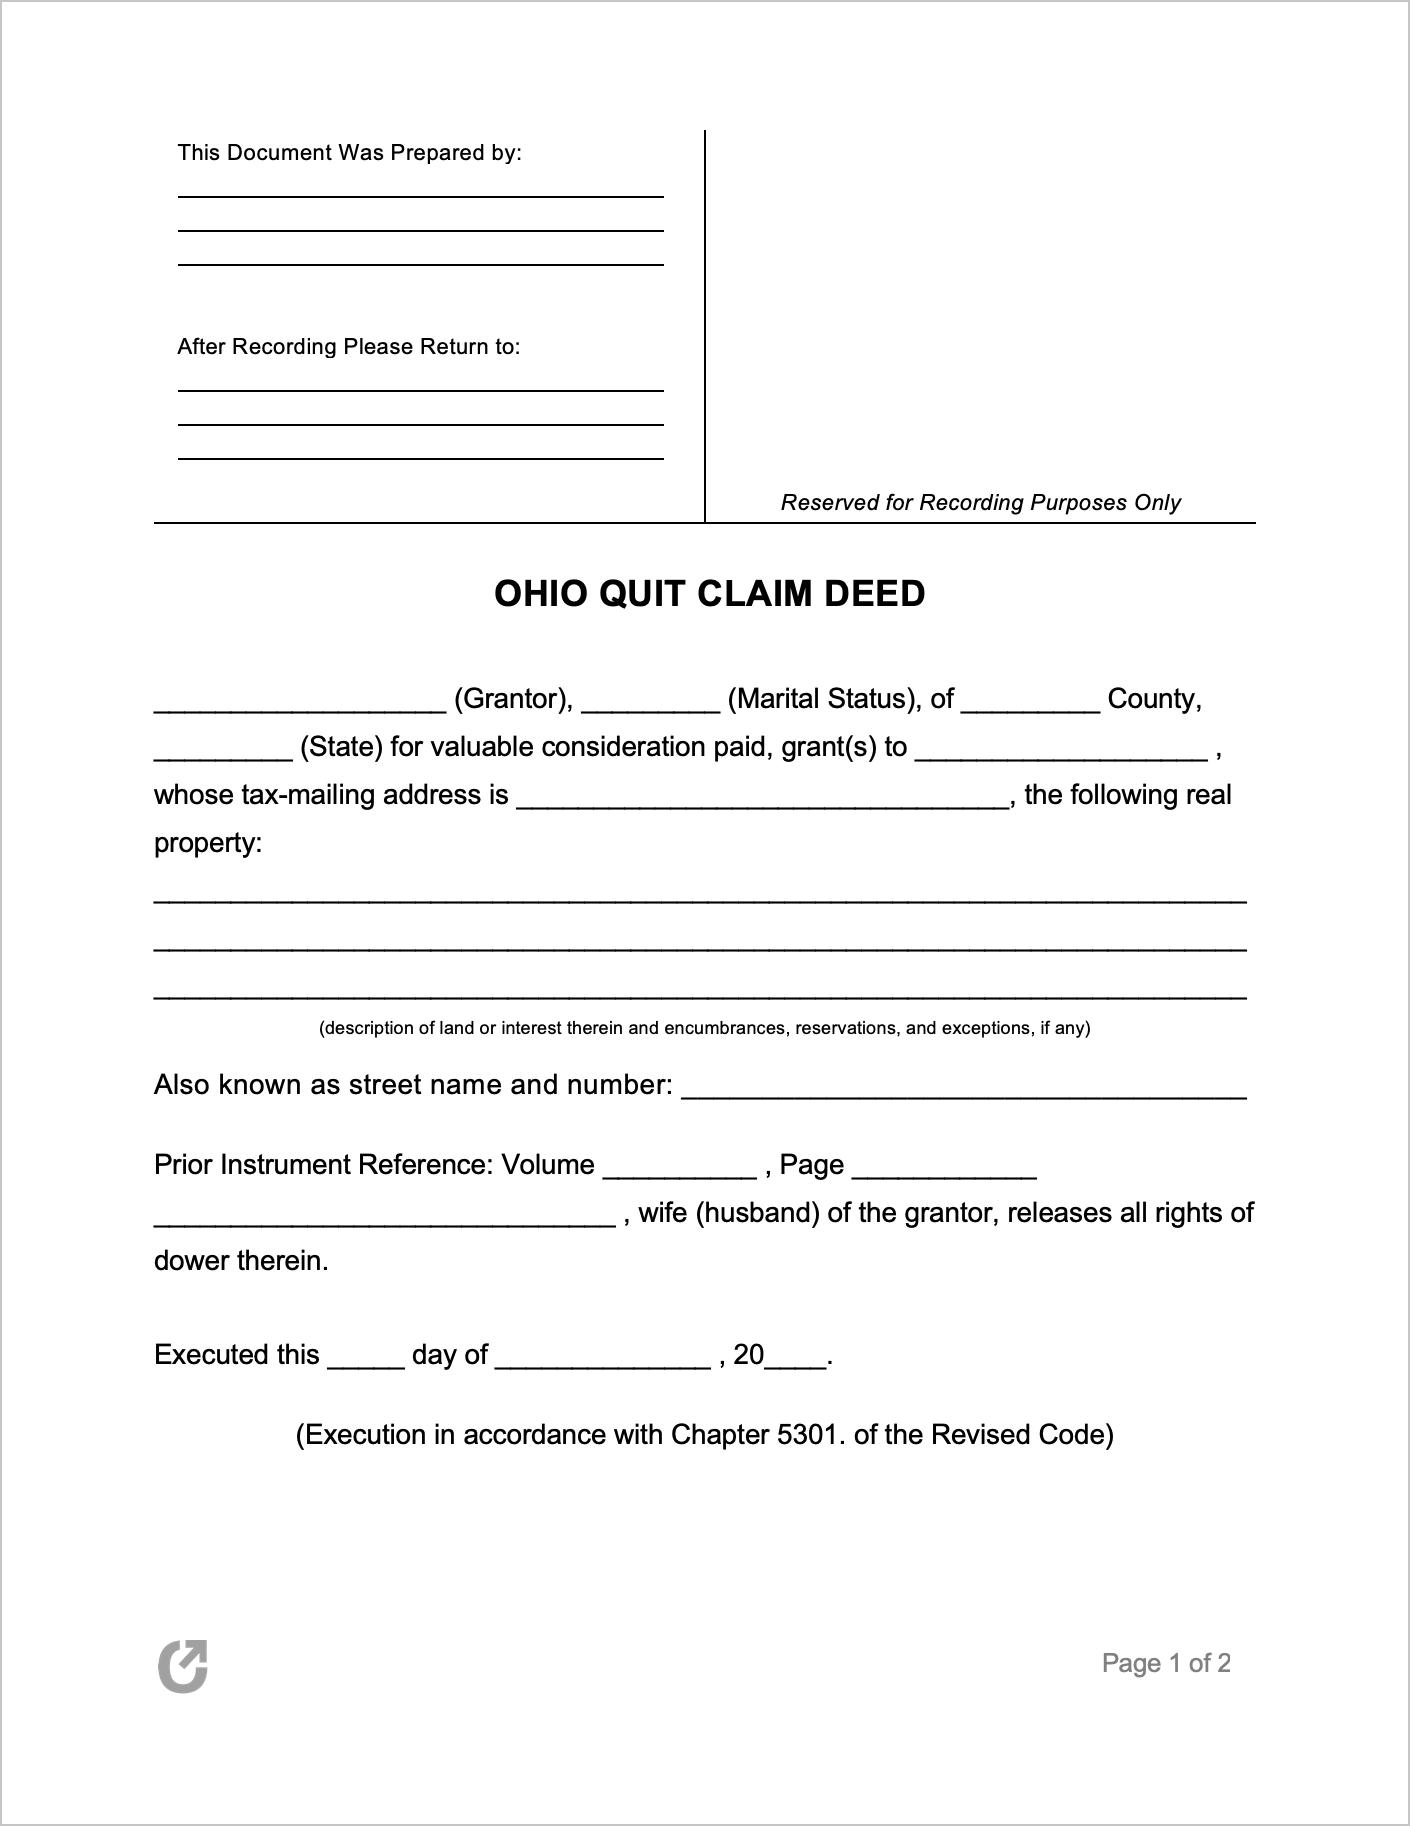 Ohio Quit Claim Deed Form Quites Marital Status Ohio